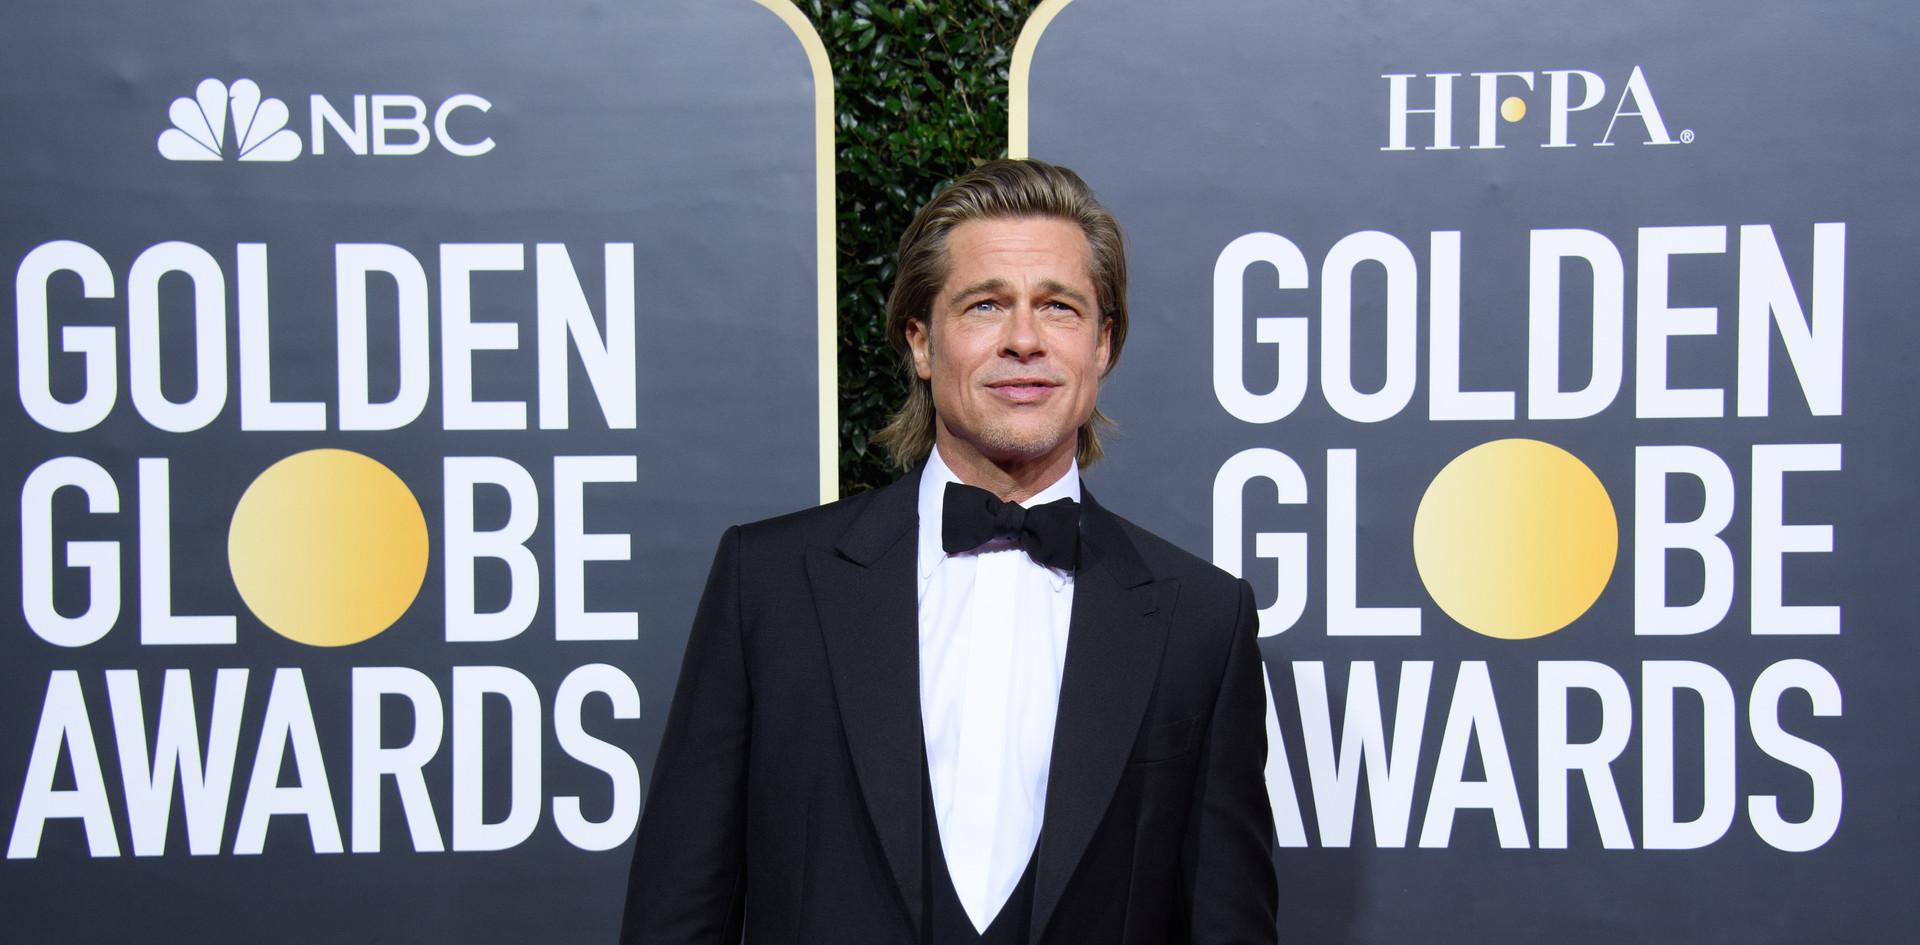 """Brad Pitt com smoking Brioni e jóias David Yurman e Fred Leighton.  Brad Pitt venceu um Golden Globe, como Melhor Actor Secundário no Filme: """"Once Upon a Time...in Hollywood"""", na passadeira vermelha do 77th Annual Golden Globe Awards, no Beverly Hilton em Beverly Hills, CA. Fotografia: HFPA Photographer."""